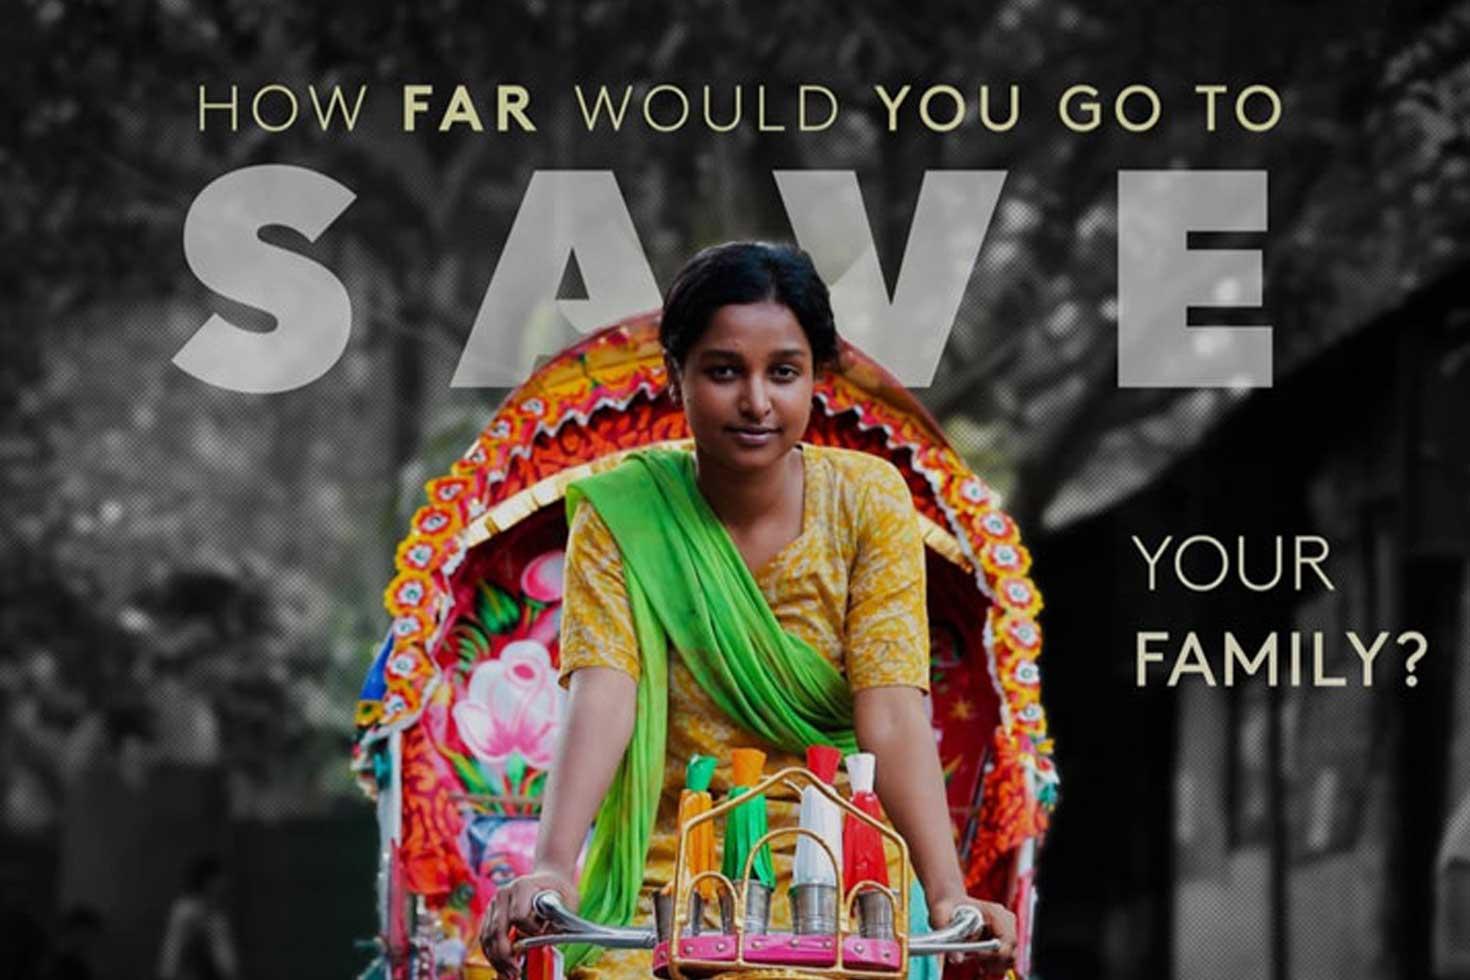 জার্মানিতে পদক জিতল অমিতাভের 'রিকশা গার্ল'